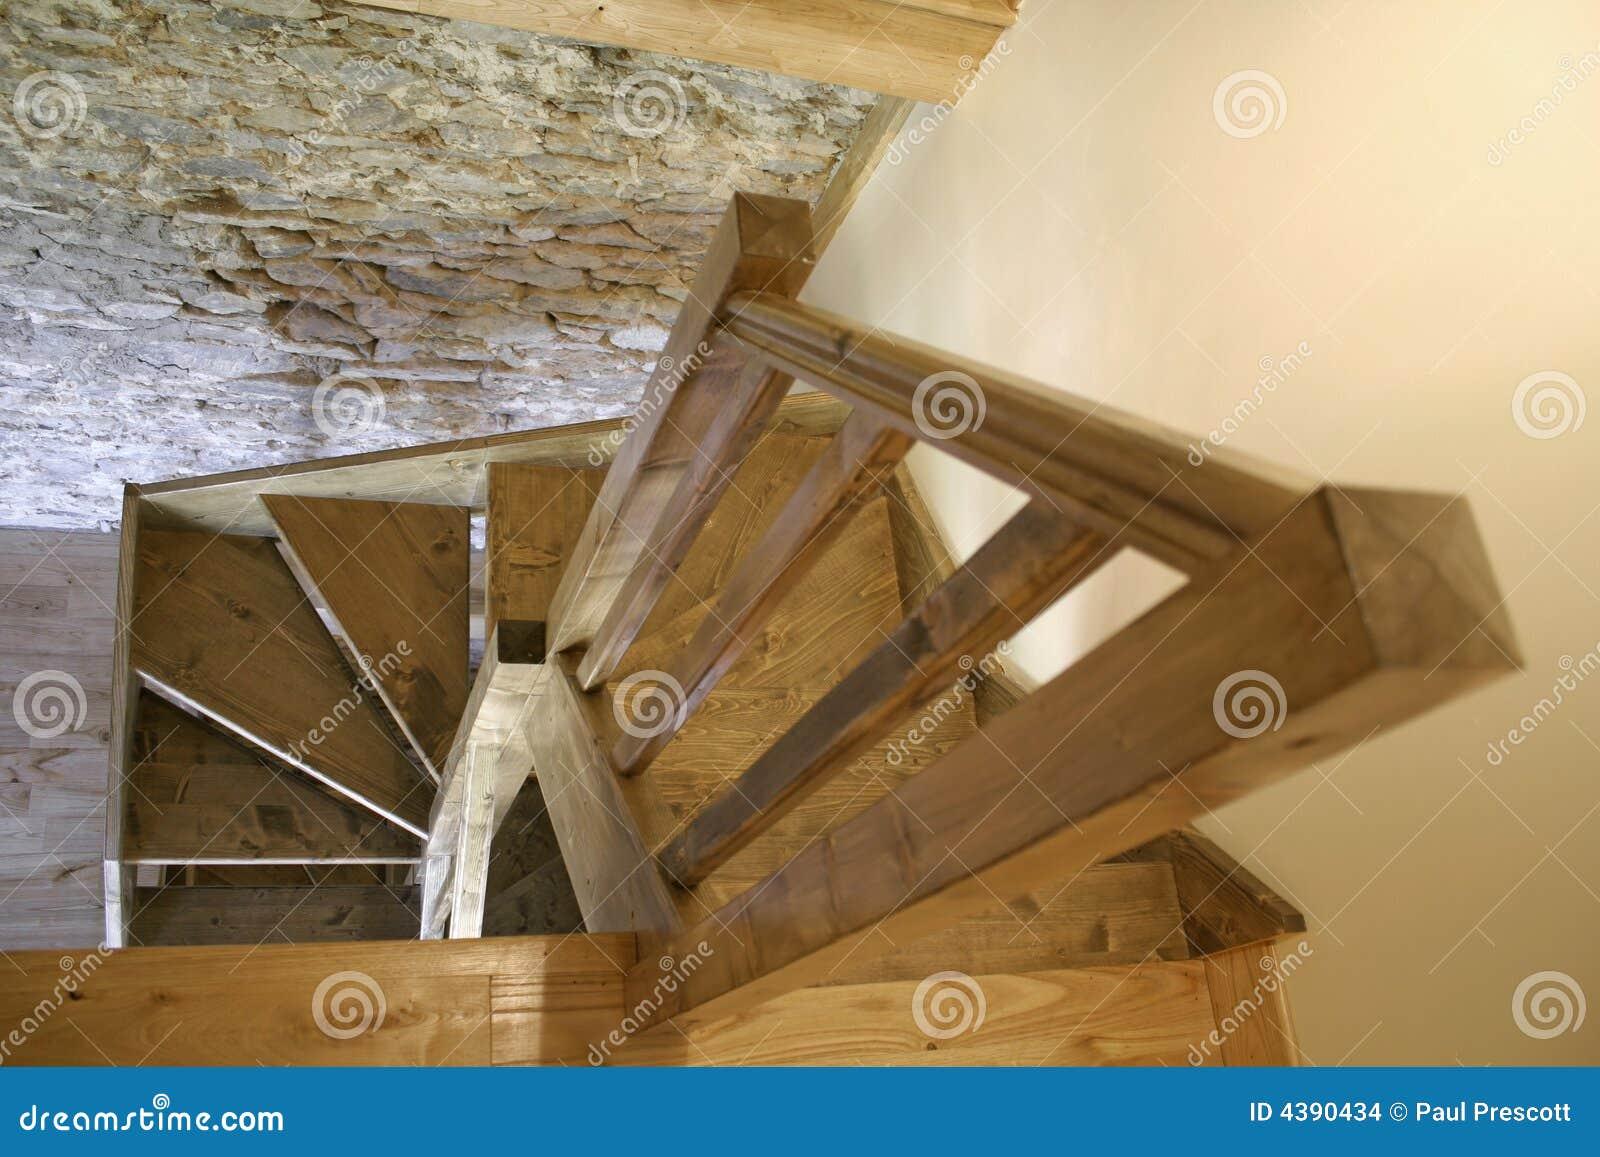 Houten trap binnenshuis stock afbeeldingen afbeelding 4390434 - Houten trapontwerp ...